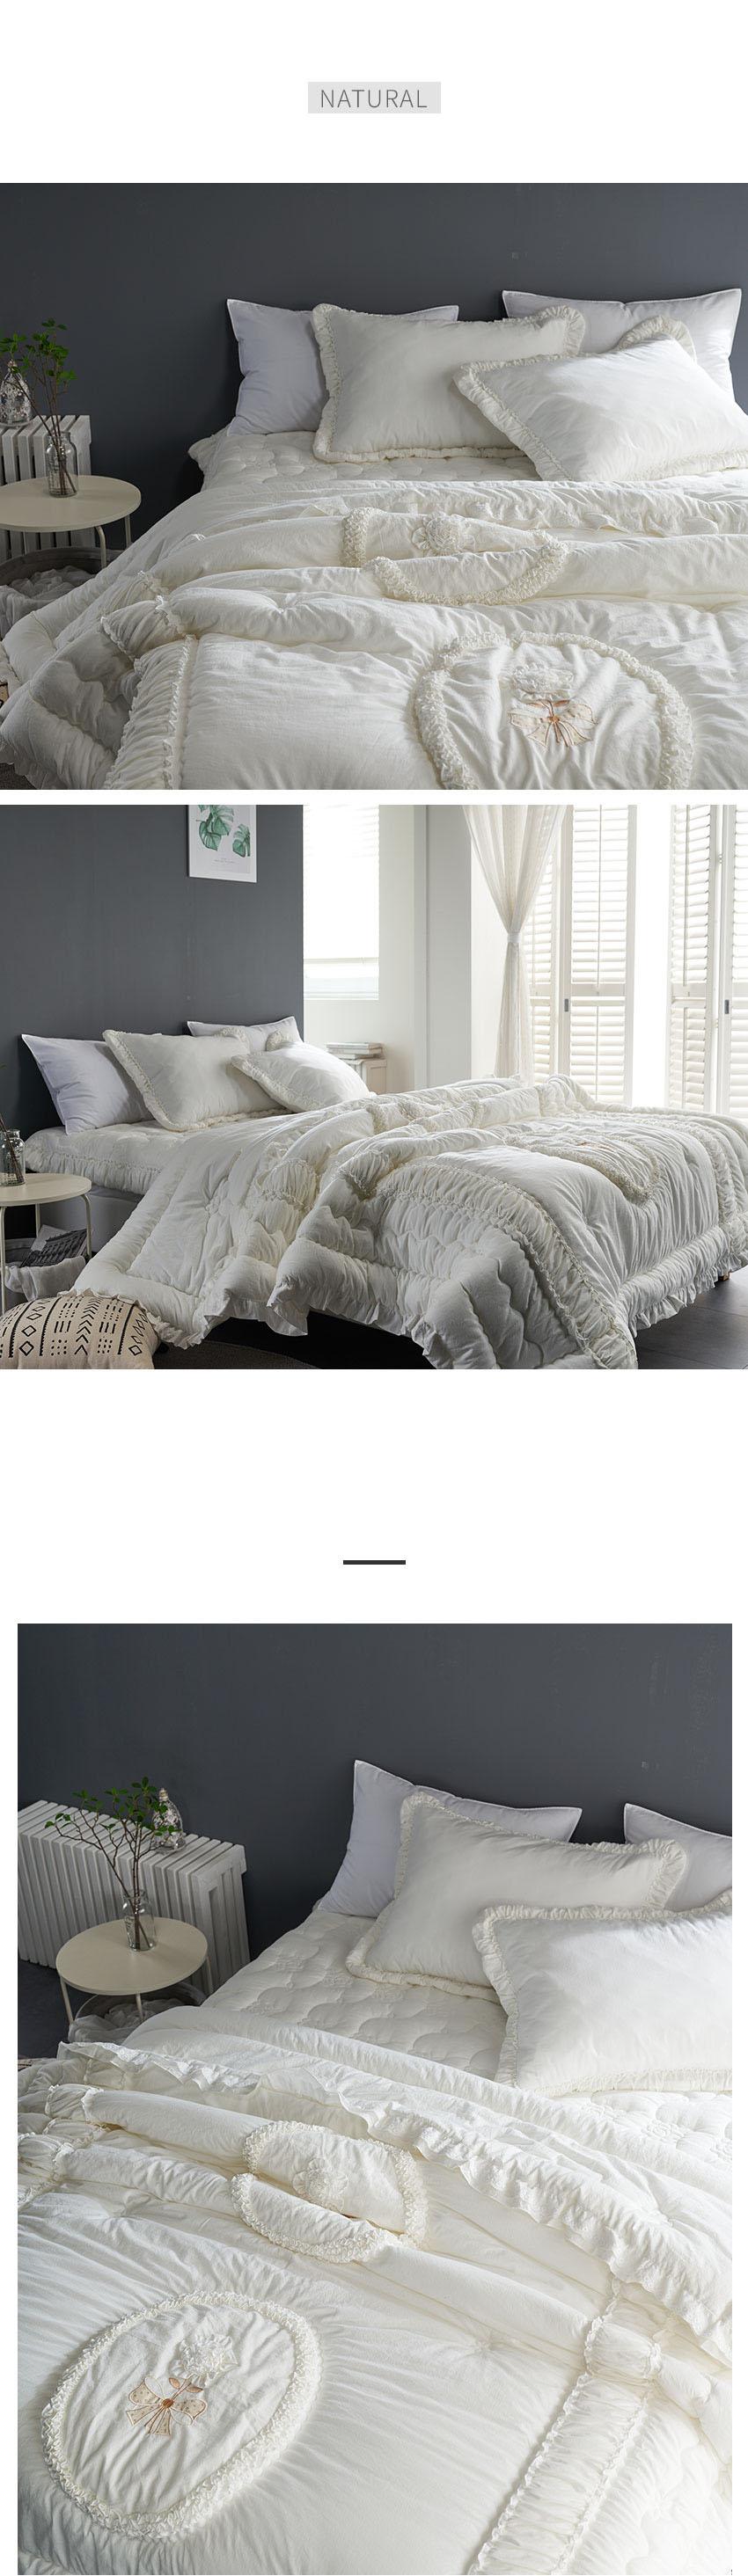 primiumqueen_bed_queen_01.jpg